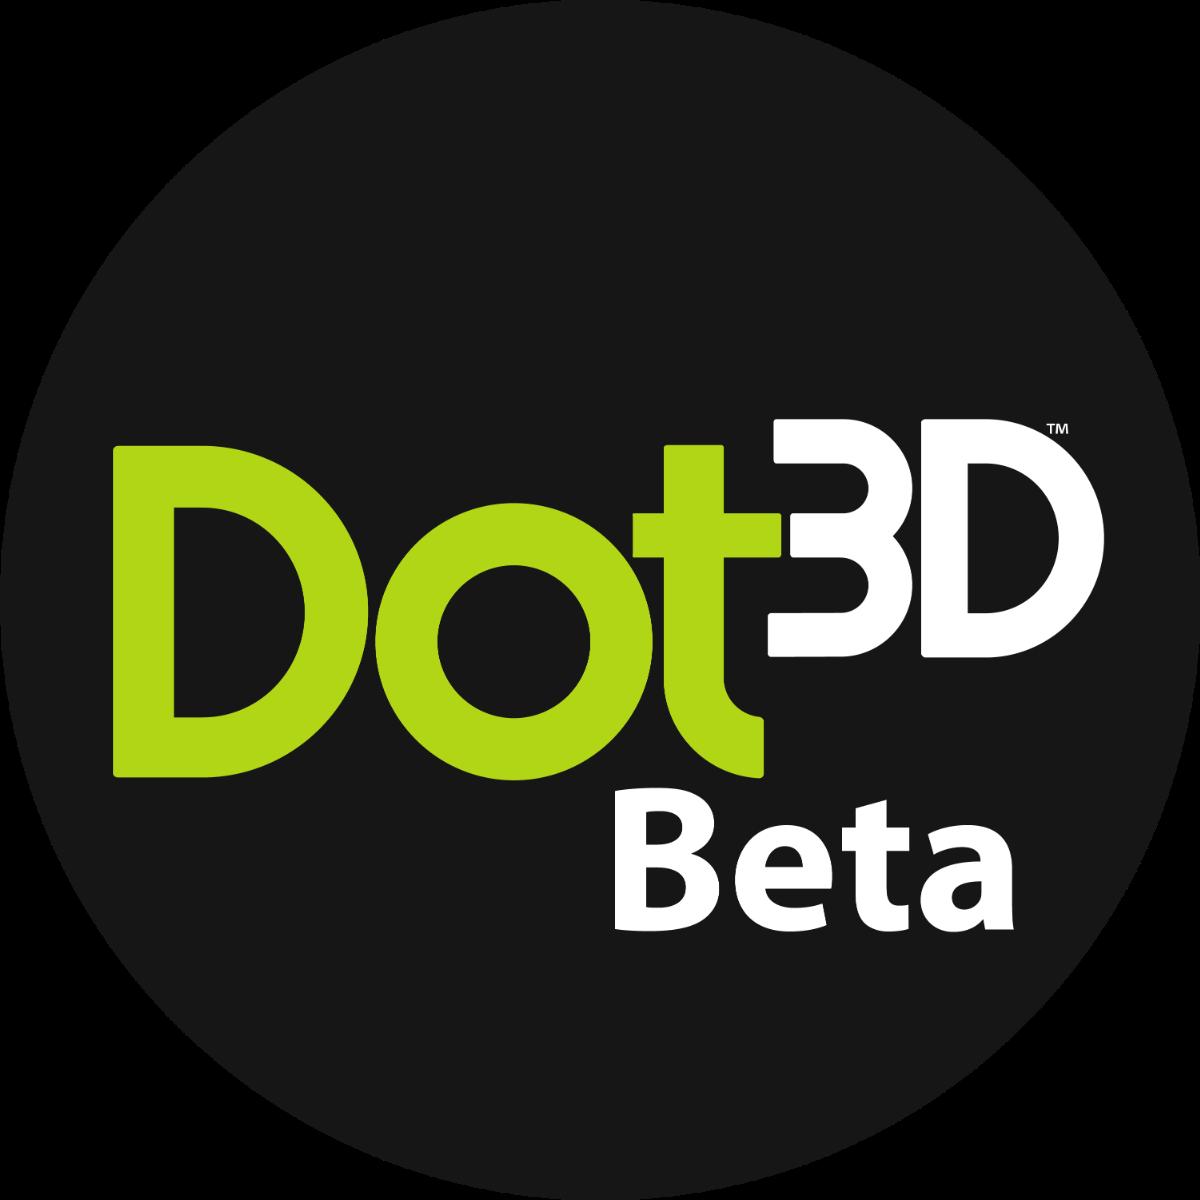 Dot3D Beta